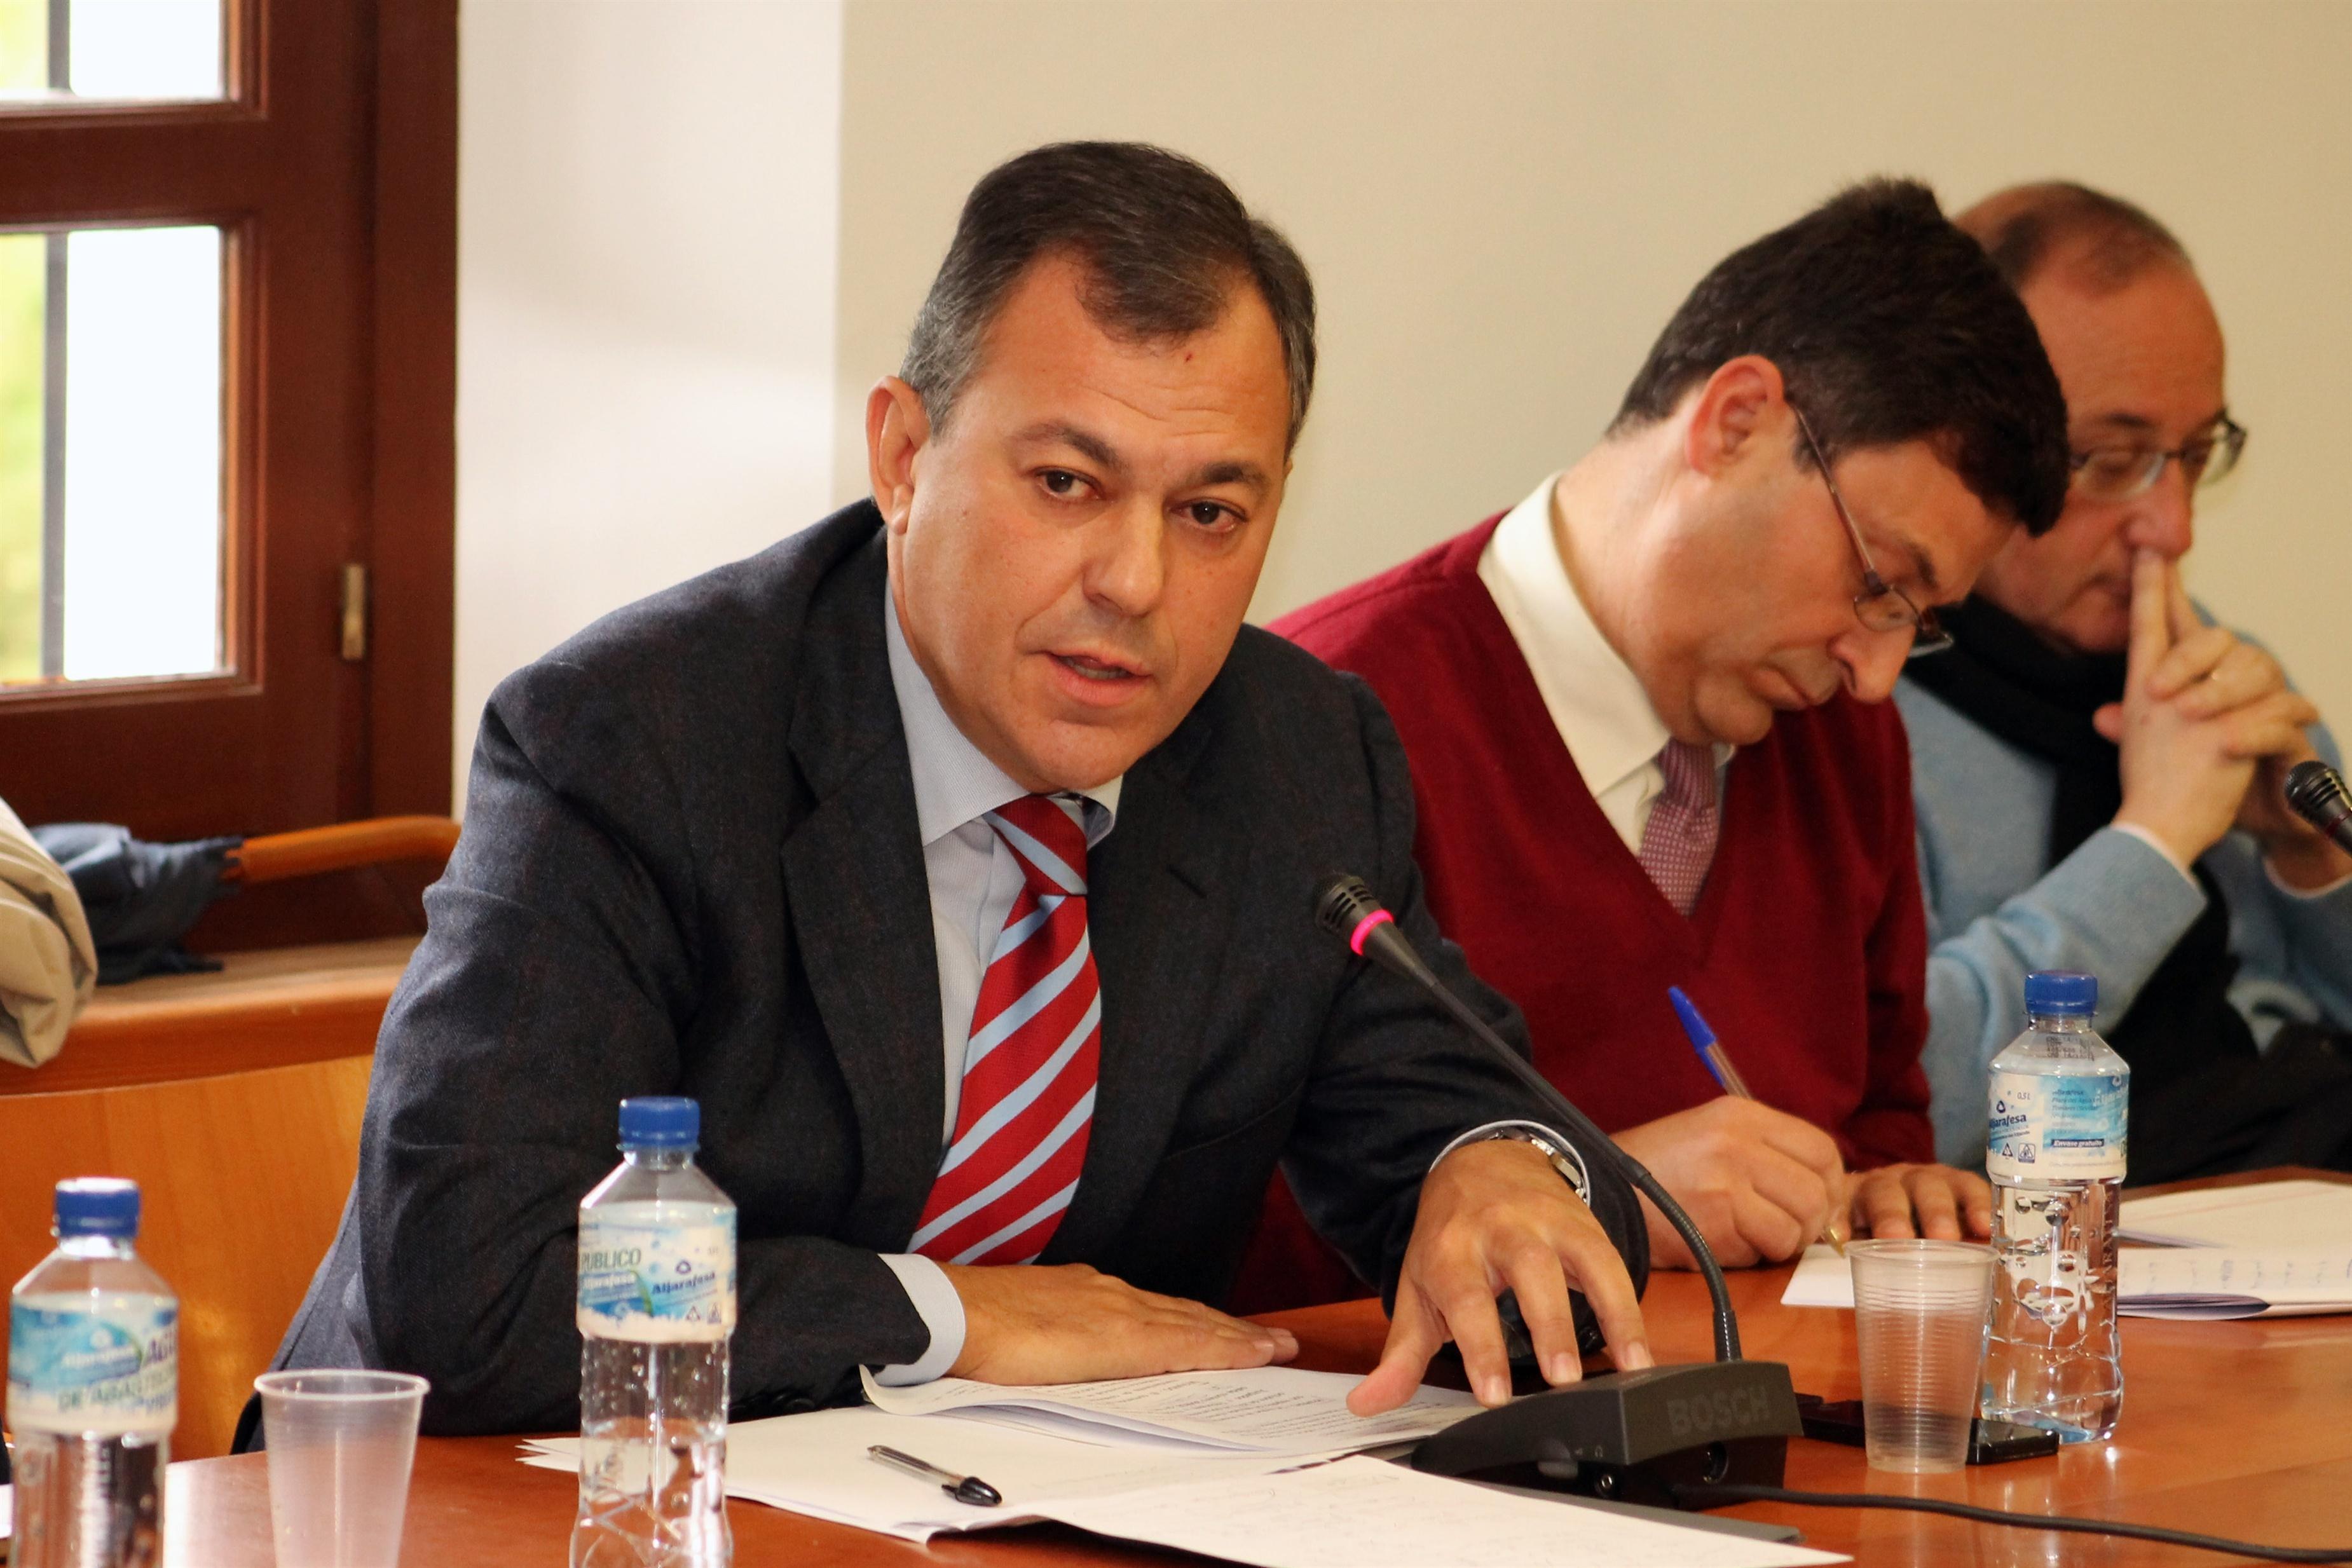 Alcalde de Tomares insiste en que «no hay nada que ocultar» sobre su gestión frente a las críticas de oposición